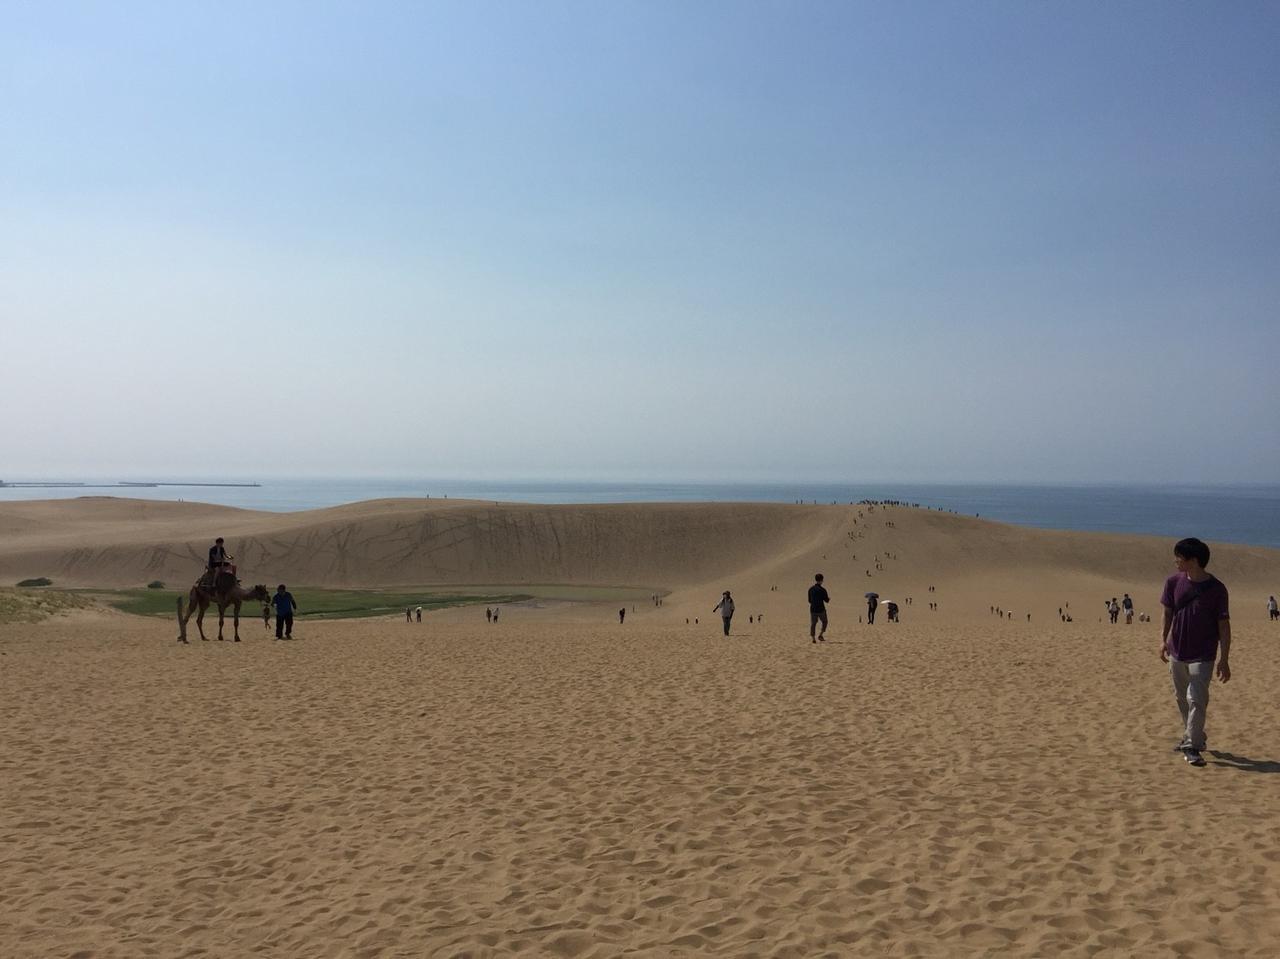 画像: 2日間共に天候に恵まれた、真夏の鳥取砂丘